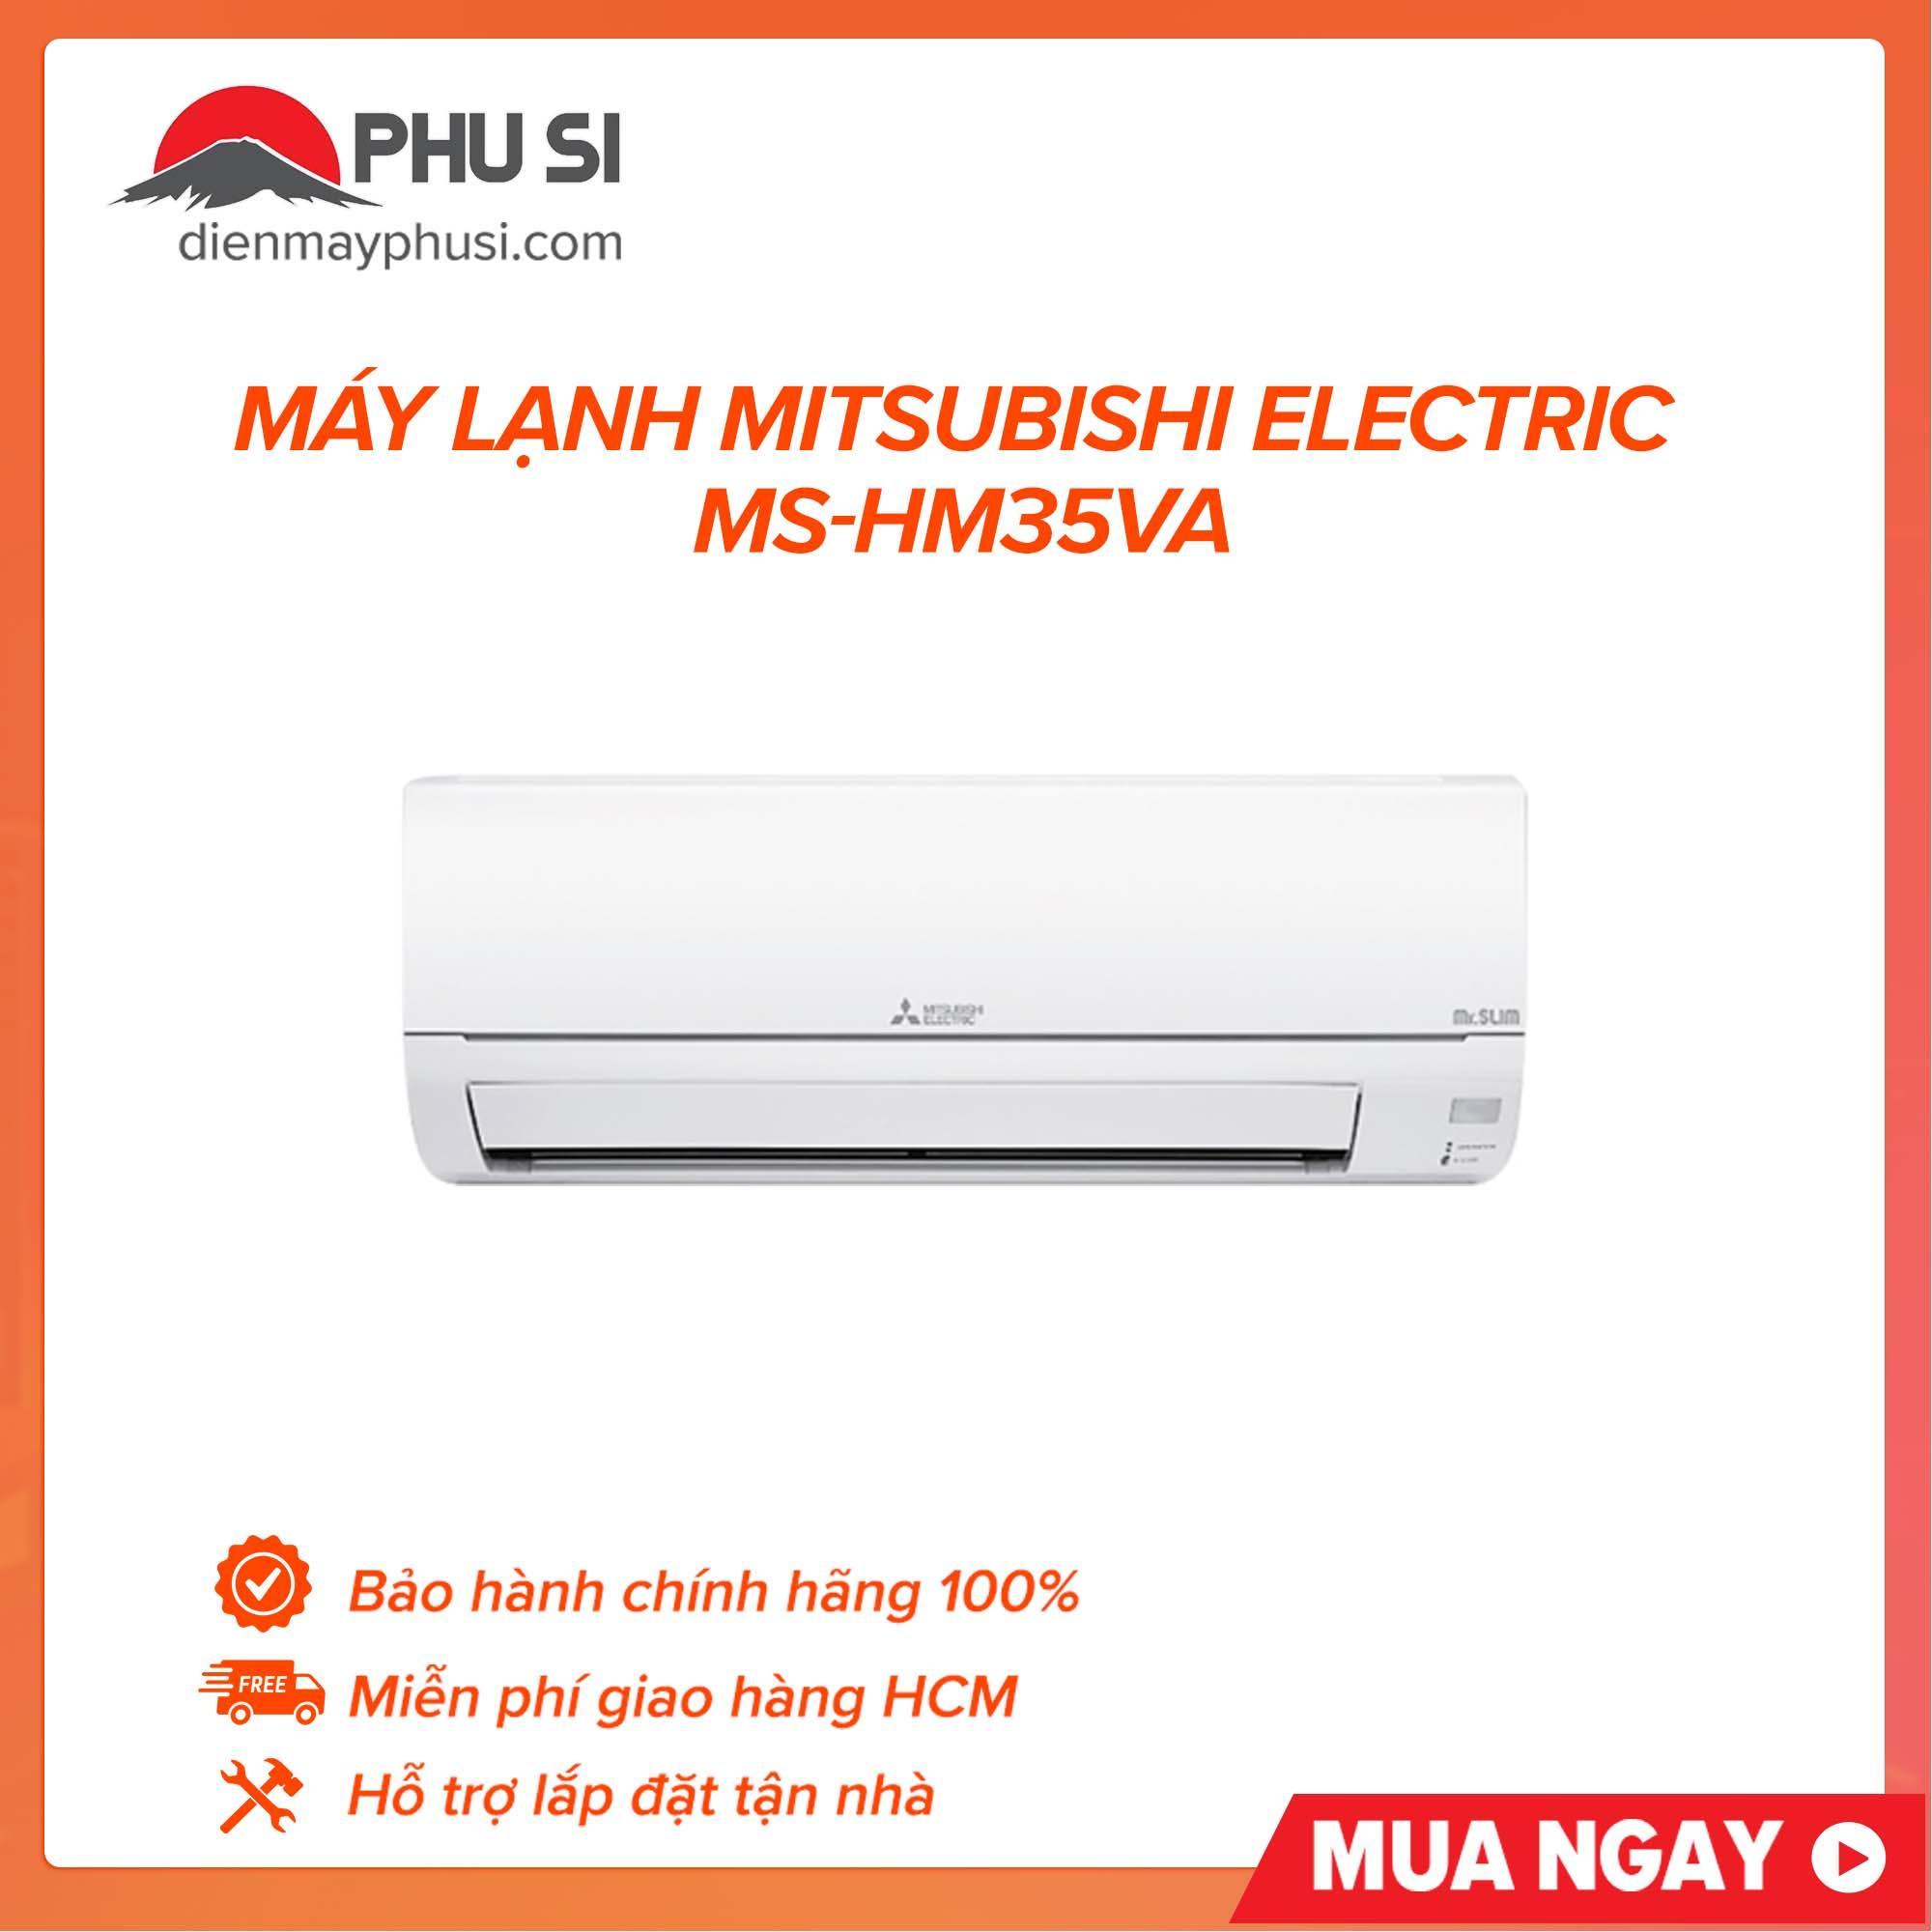 Bảng giá Máy Lạnh Mitsubishi Electric MS-HM35VA